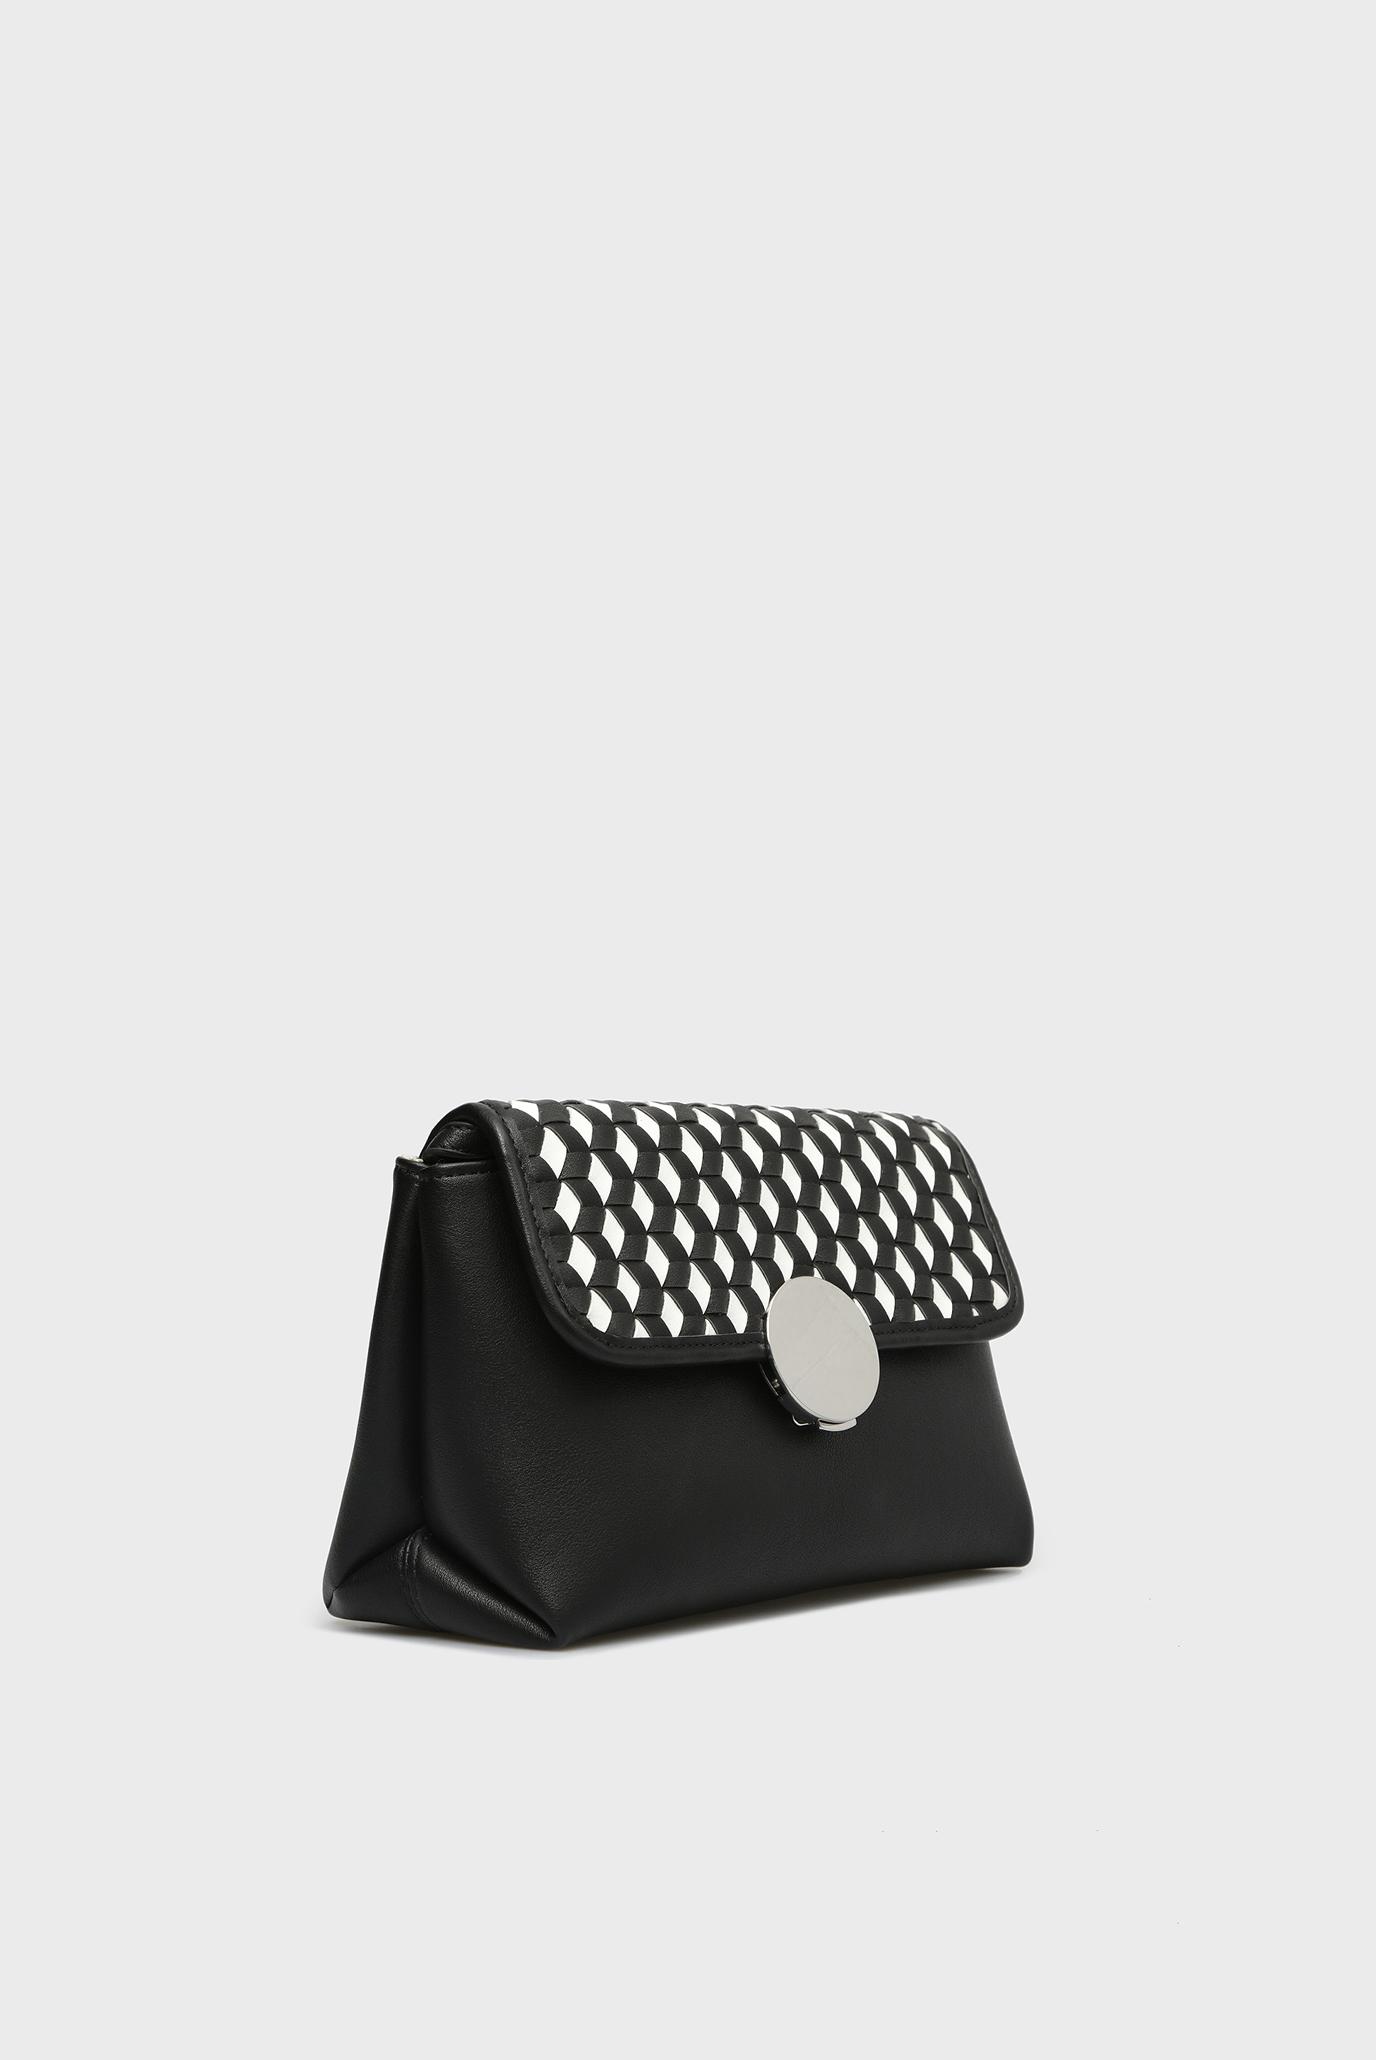 Купить Женская черная сумка через плечо TERESA Pepe Jeans Pepe Jeans PL030955 – Киев, Украина. Цены в интернет магазине MD Fashion